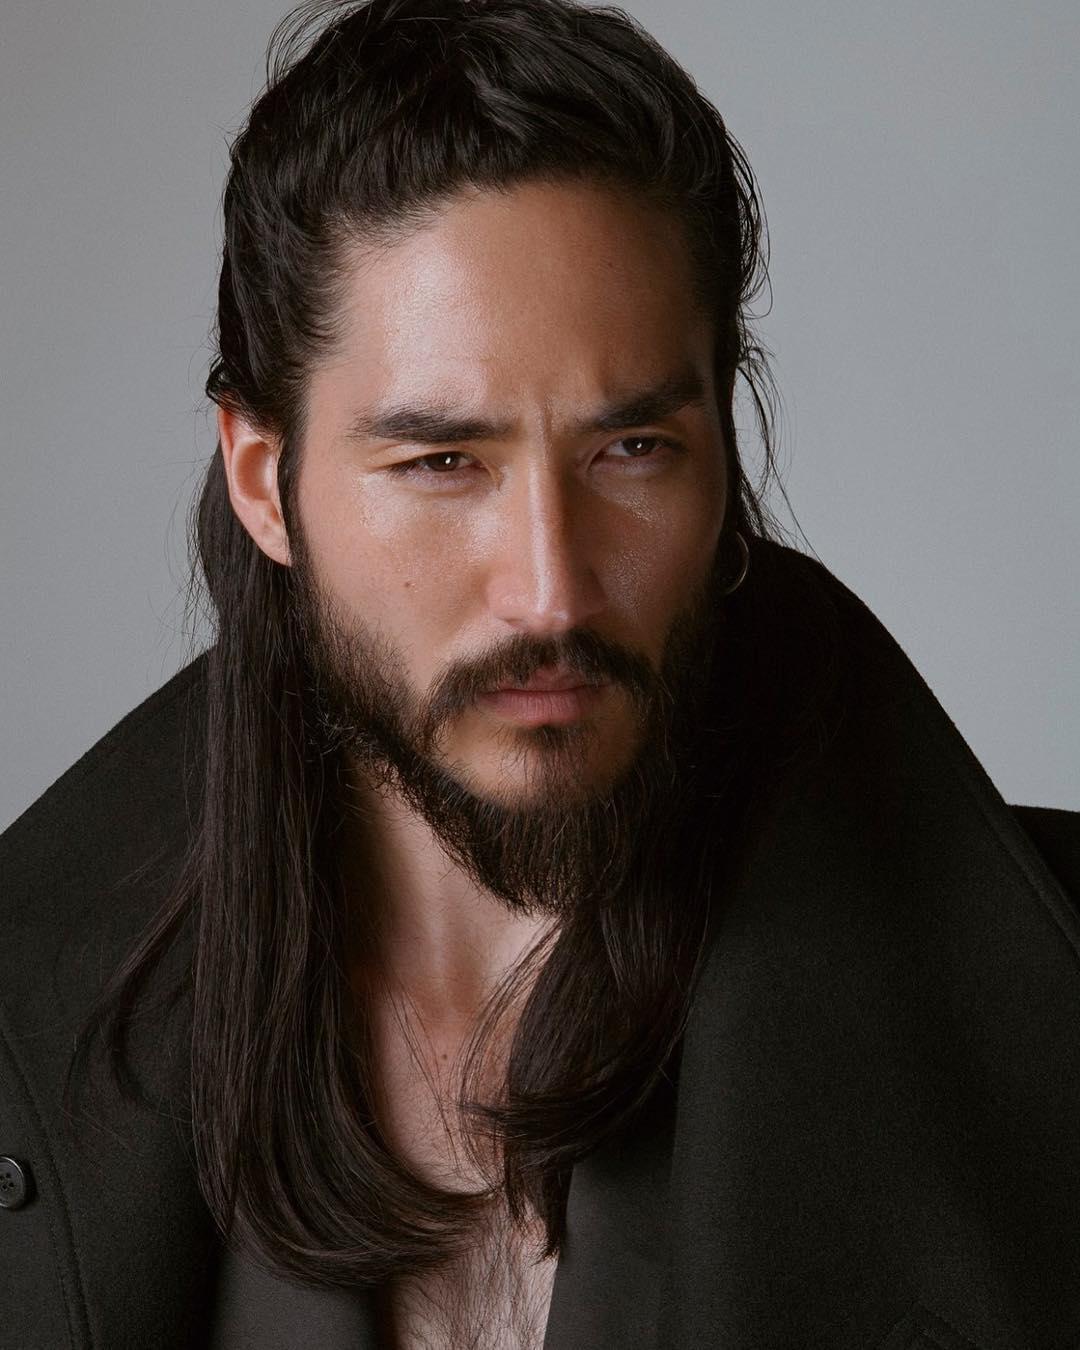 How to grow a beard asian man